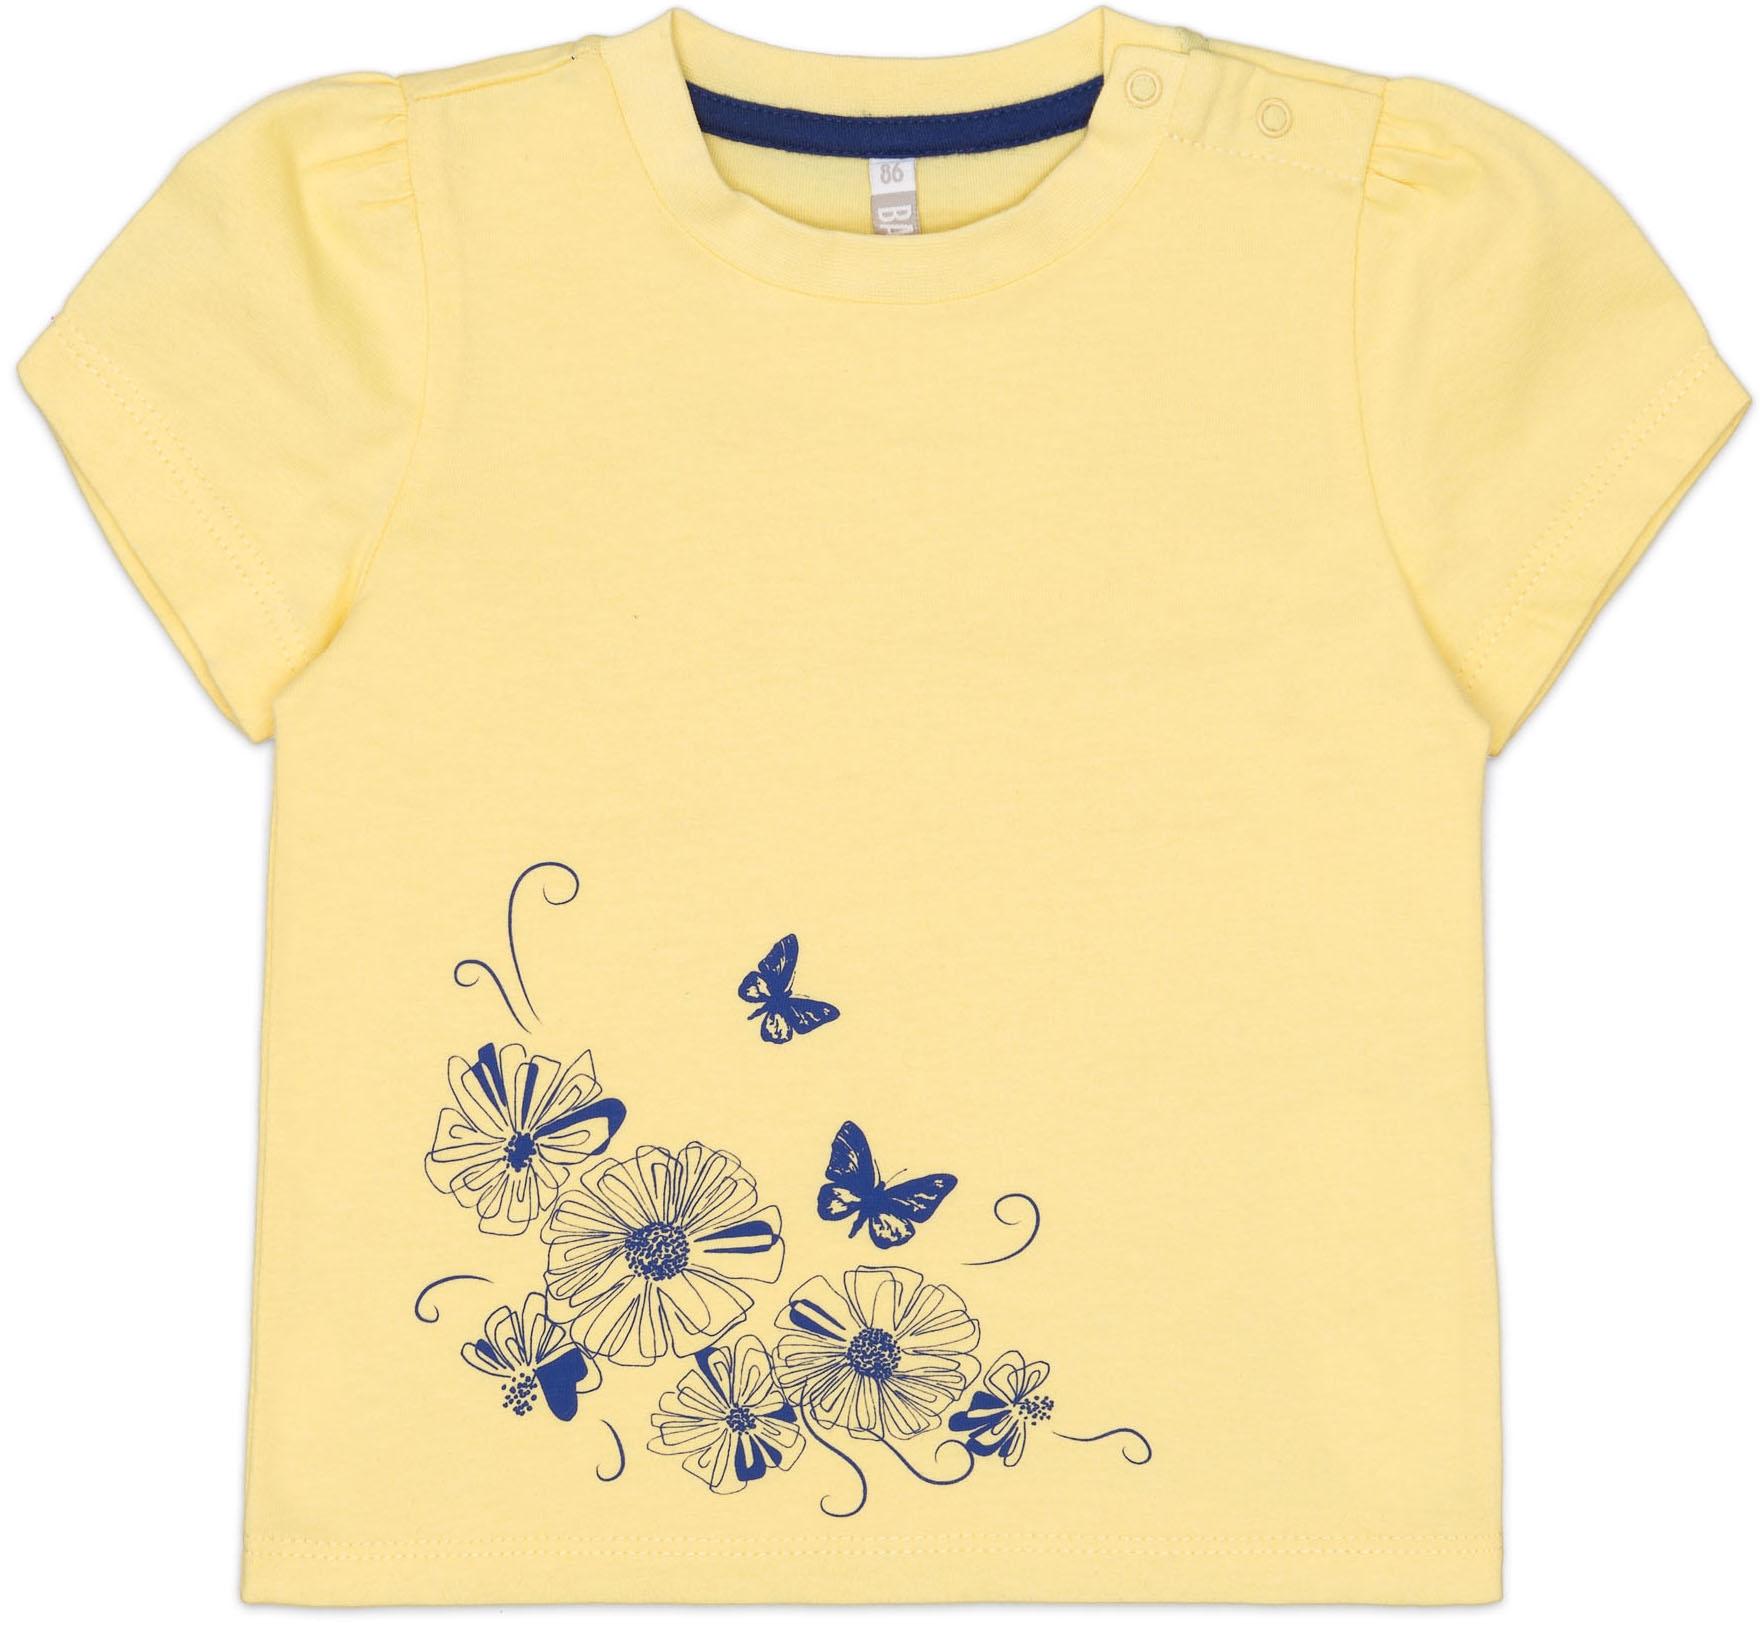 Купить Футболки, Футболка с коротким рукавом для девочки Barkito Цветочное лето желтая, Узбекистан, желтый, Новорожденный